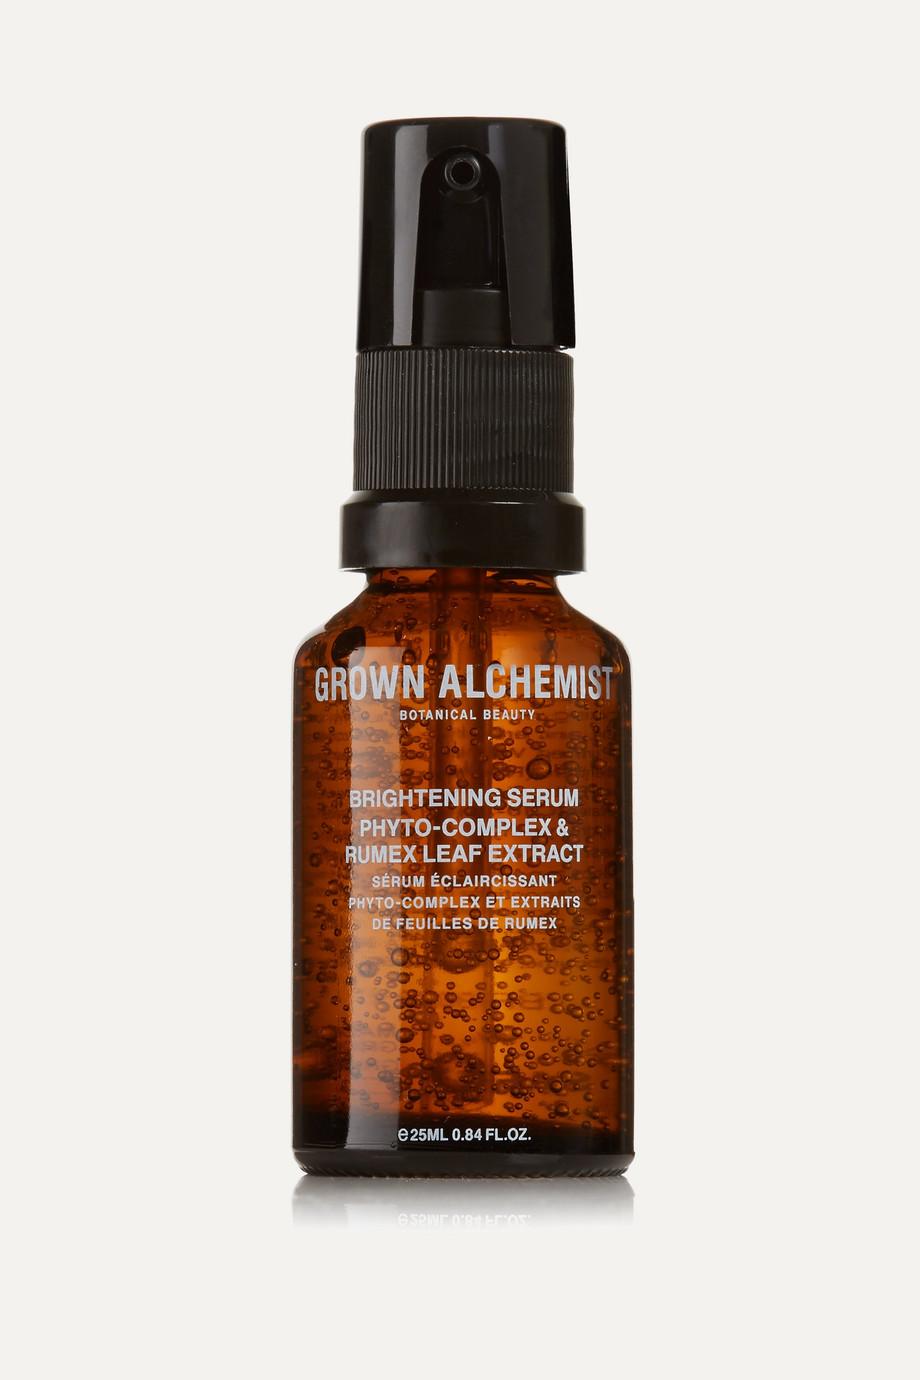 Grown Alchemist Brightening Serum, 25 ml – Serum